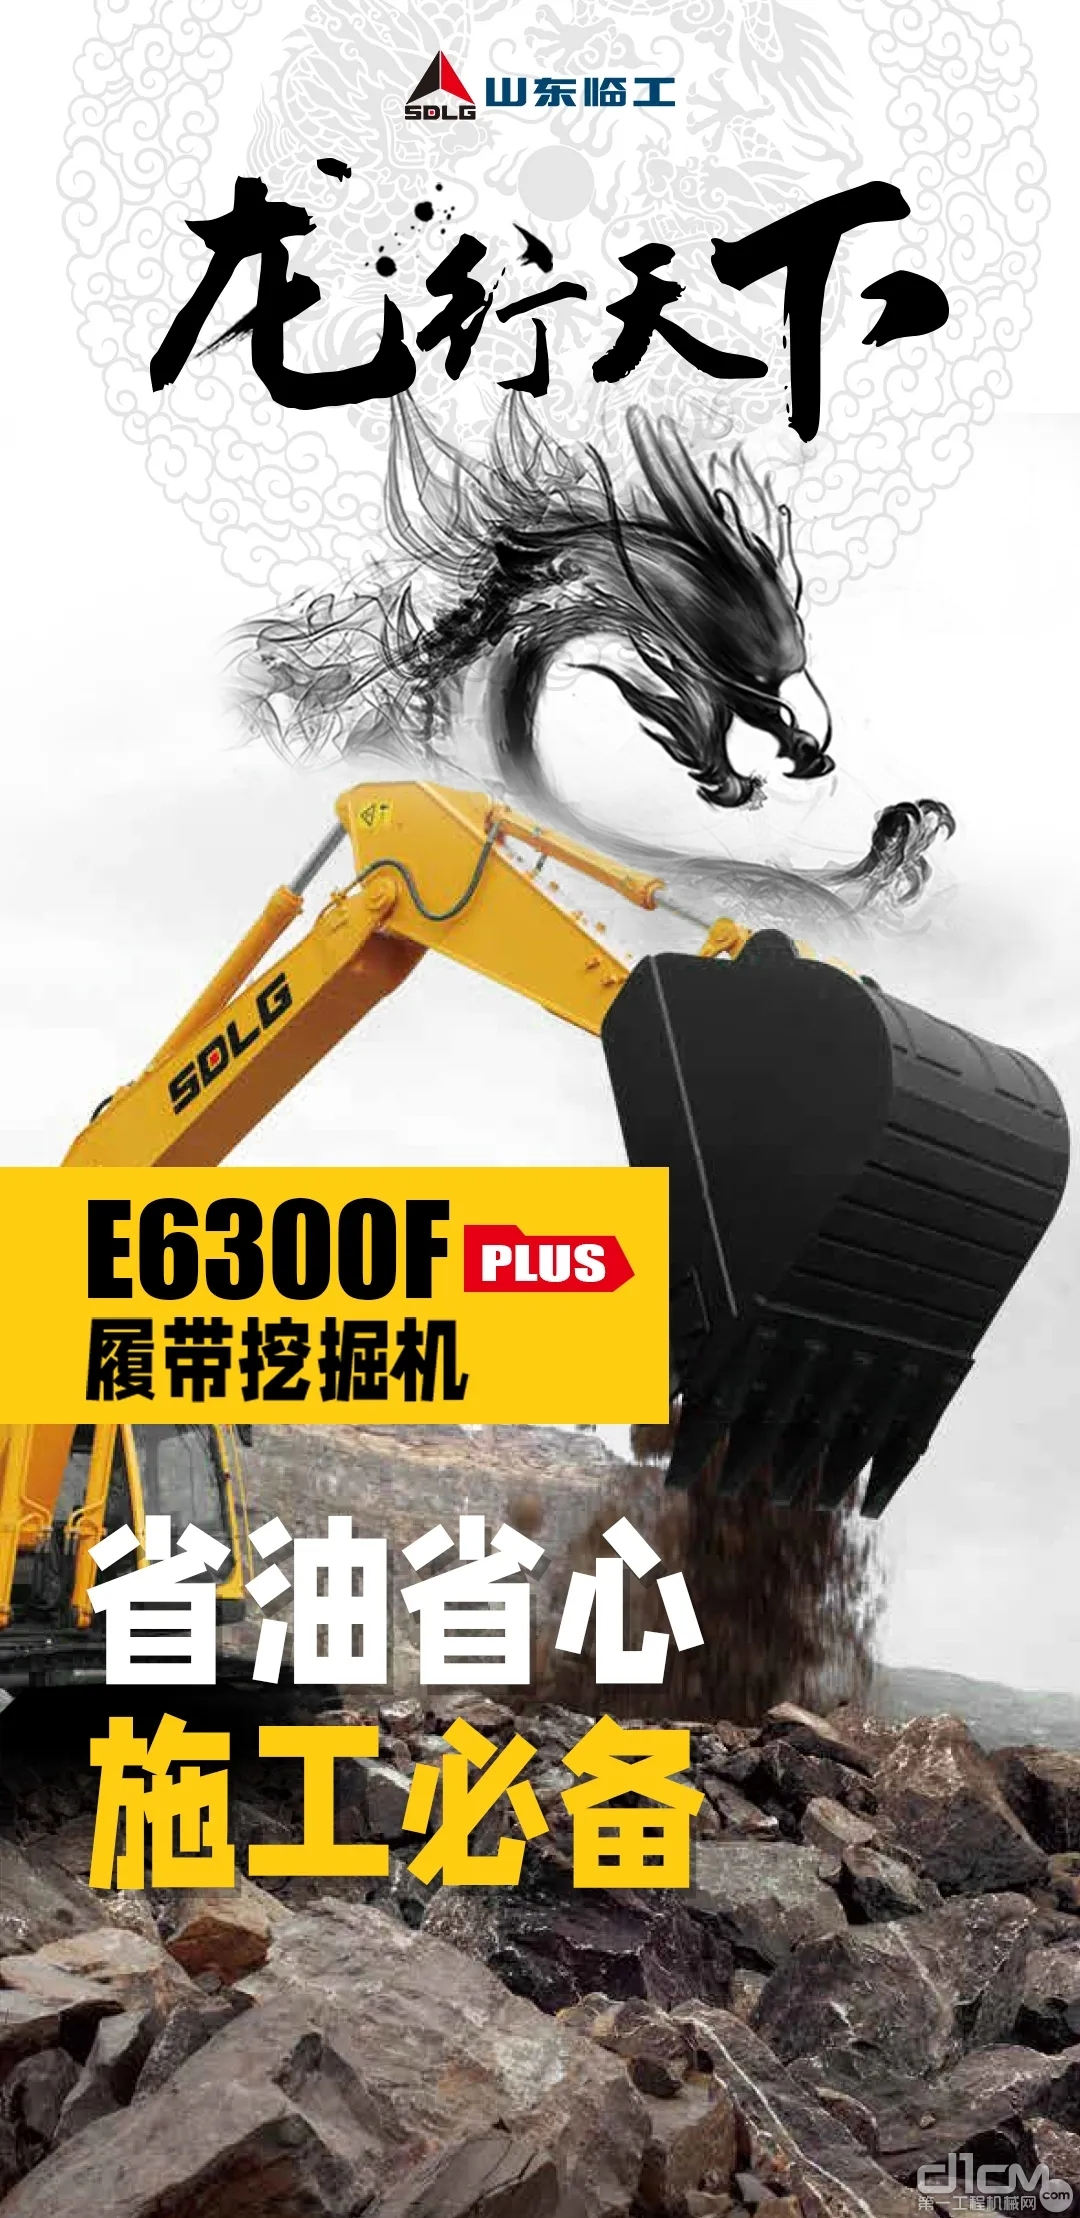 山东临工E6300F PLUS挖掘机